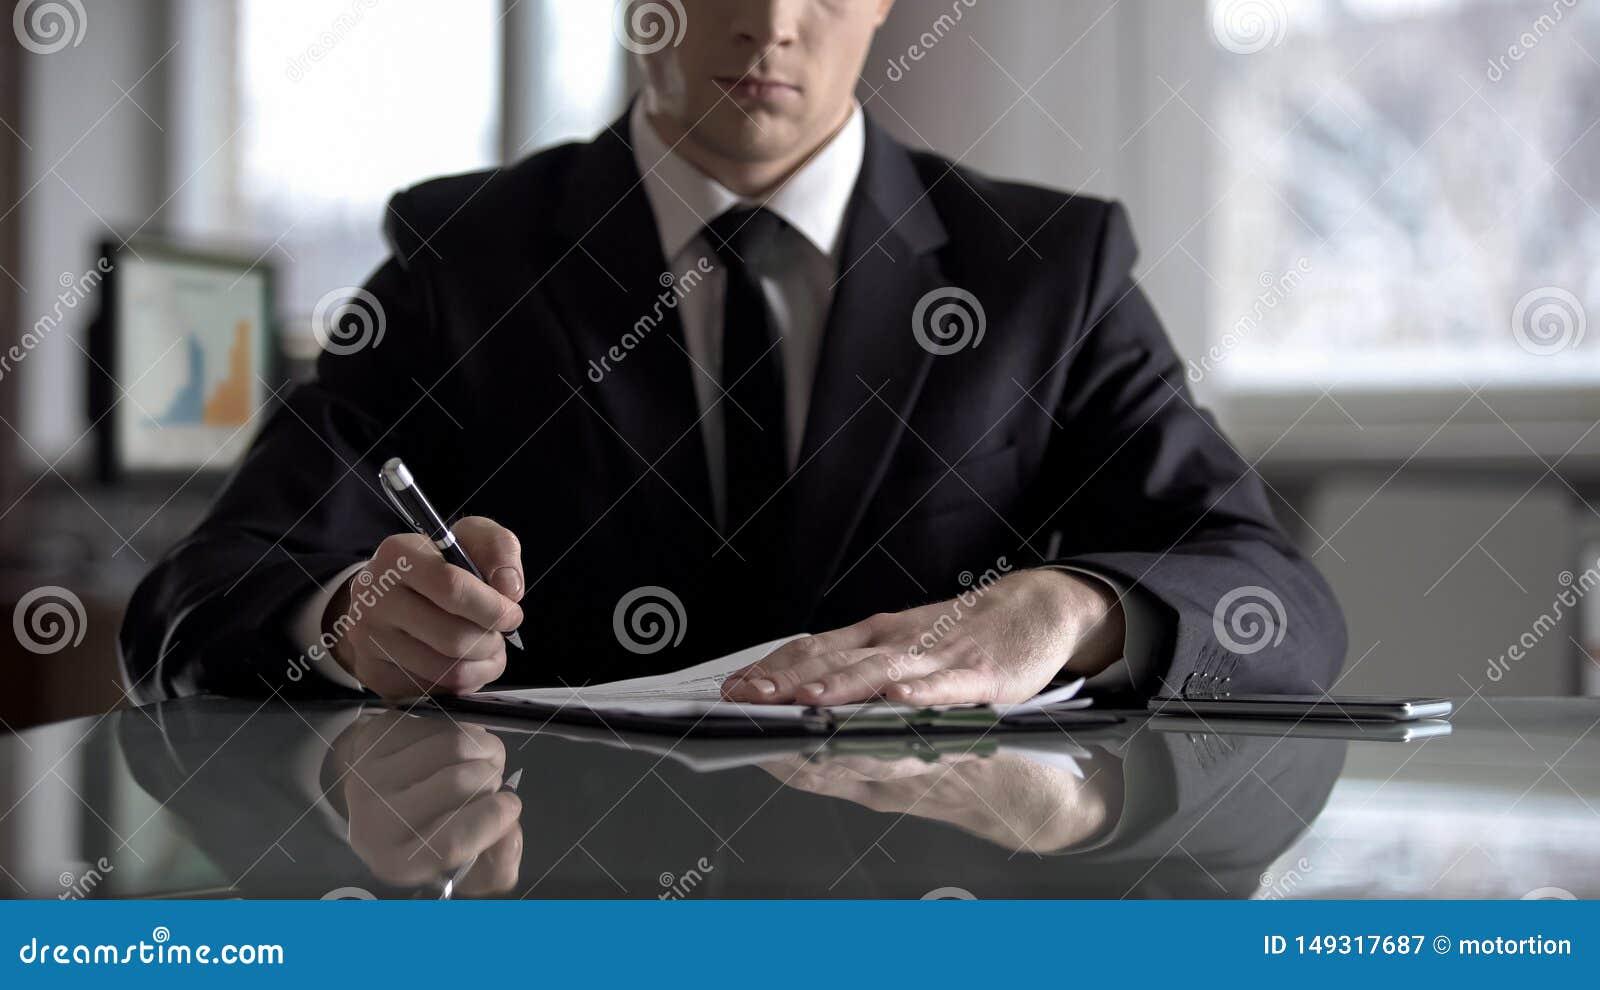 Kopf der unterzeichnenden Vereinbarung des Unternehmens ?ber Umstrukturierung seiner Firma, R?uberergreifung